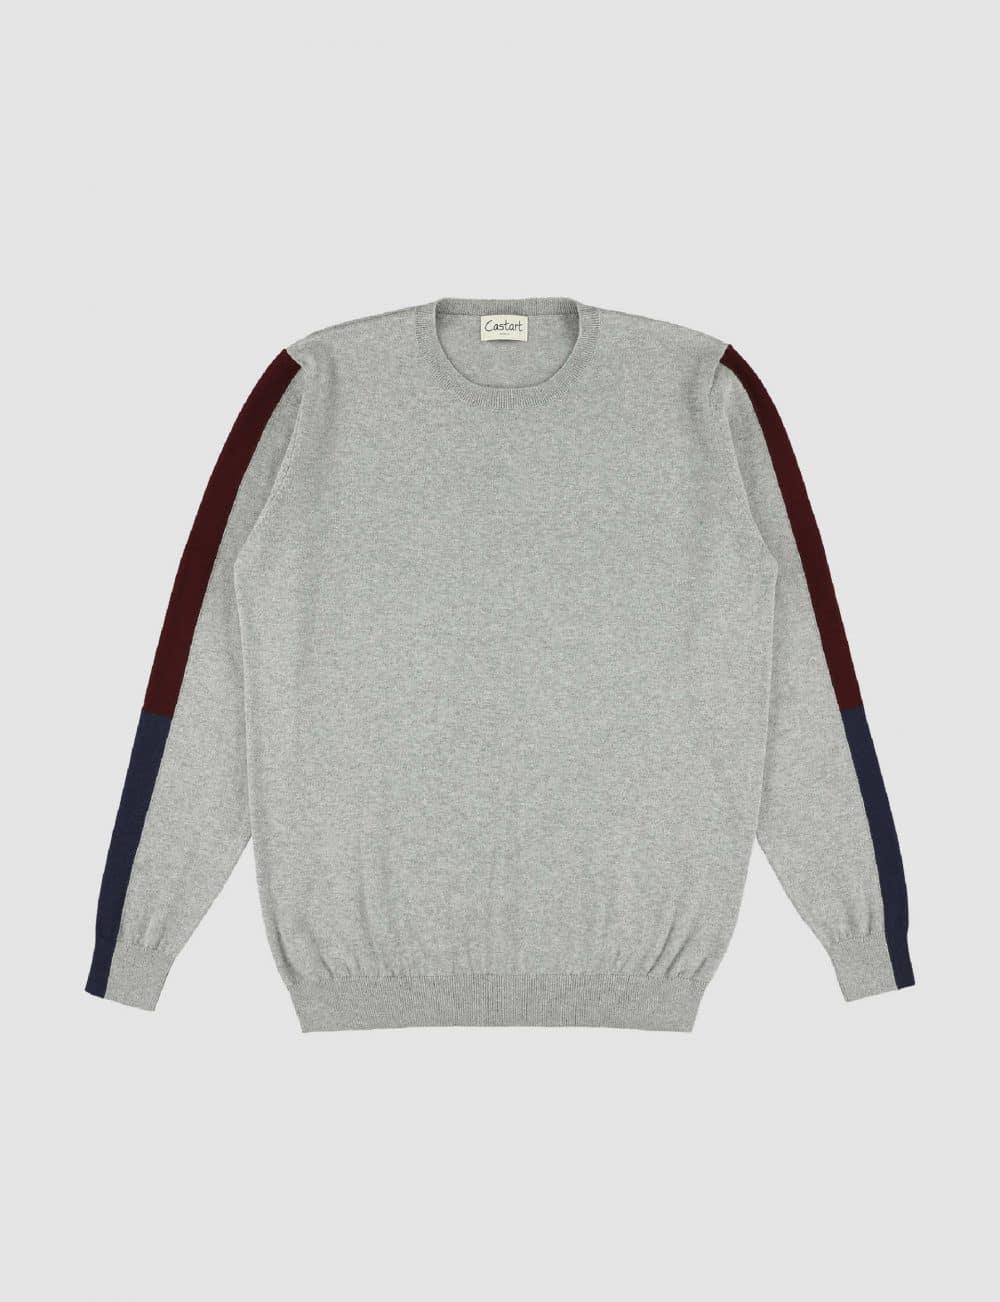 Kubin - Middle Grey